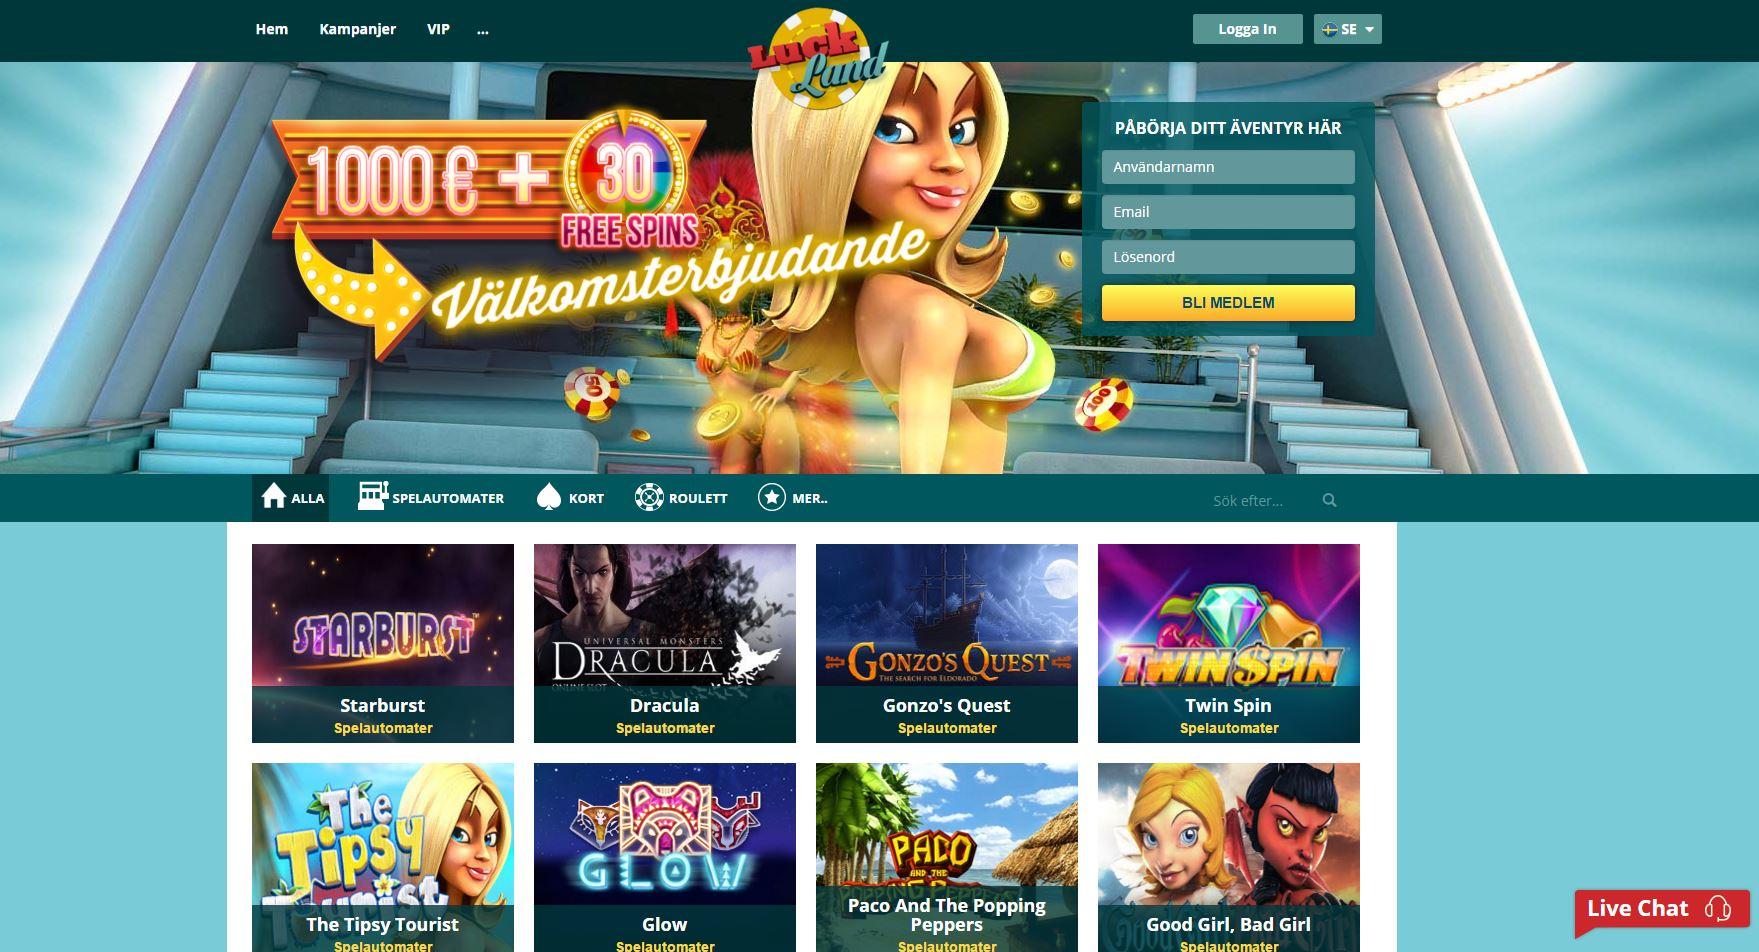 Spela i ett casinoäventyr med bonusar hos LuckLand